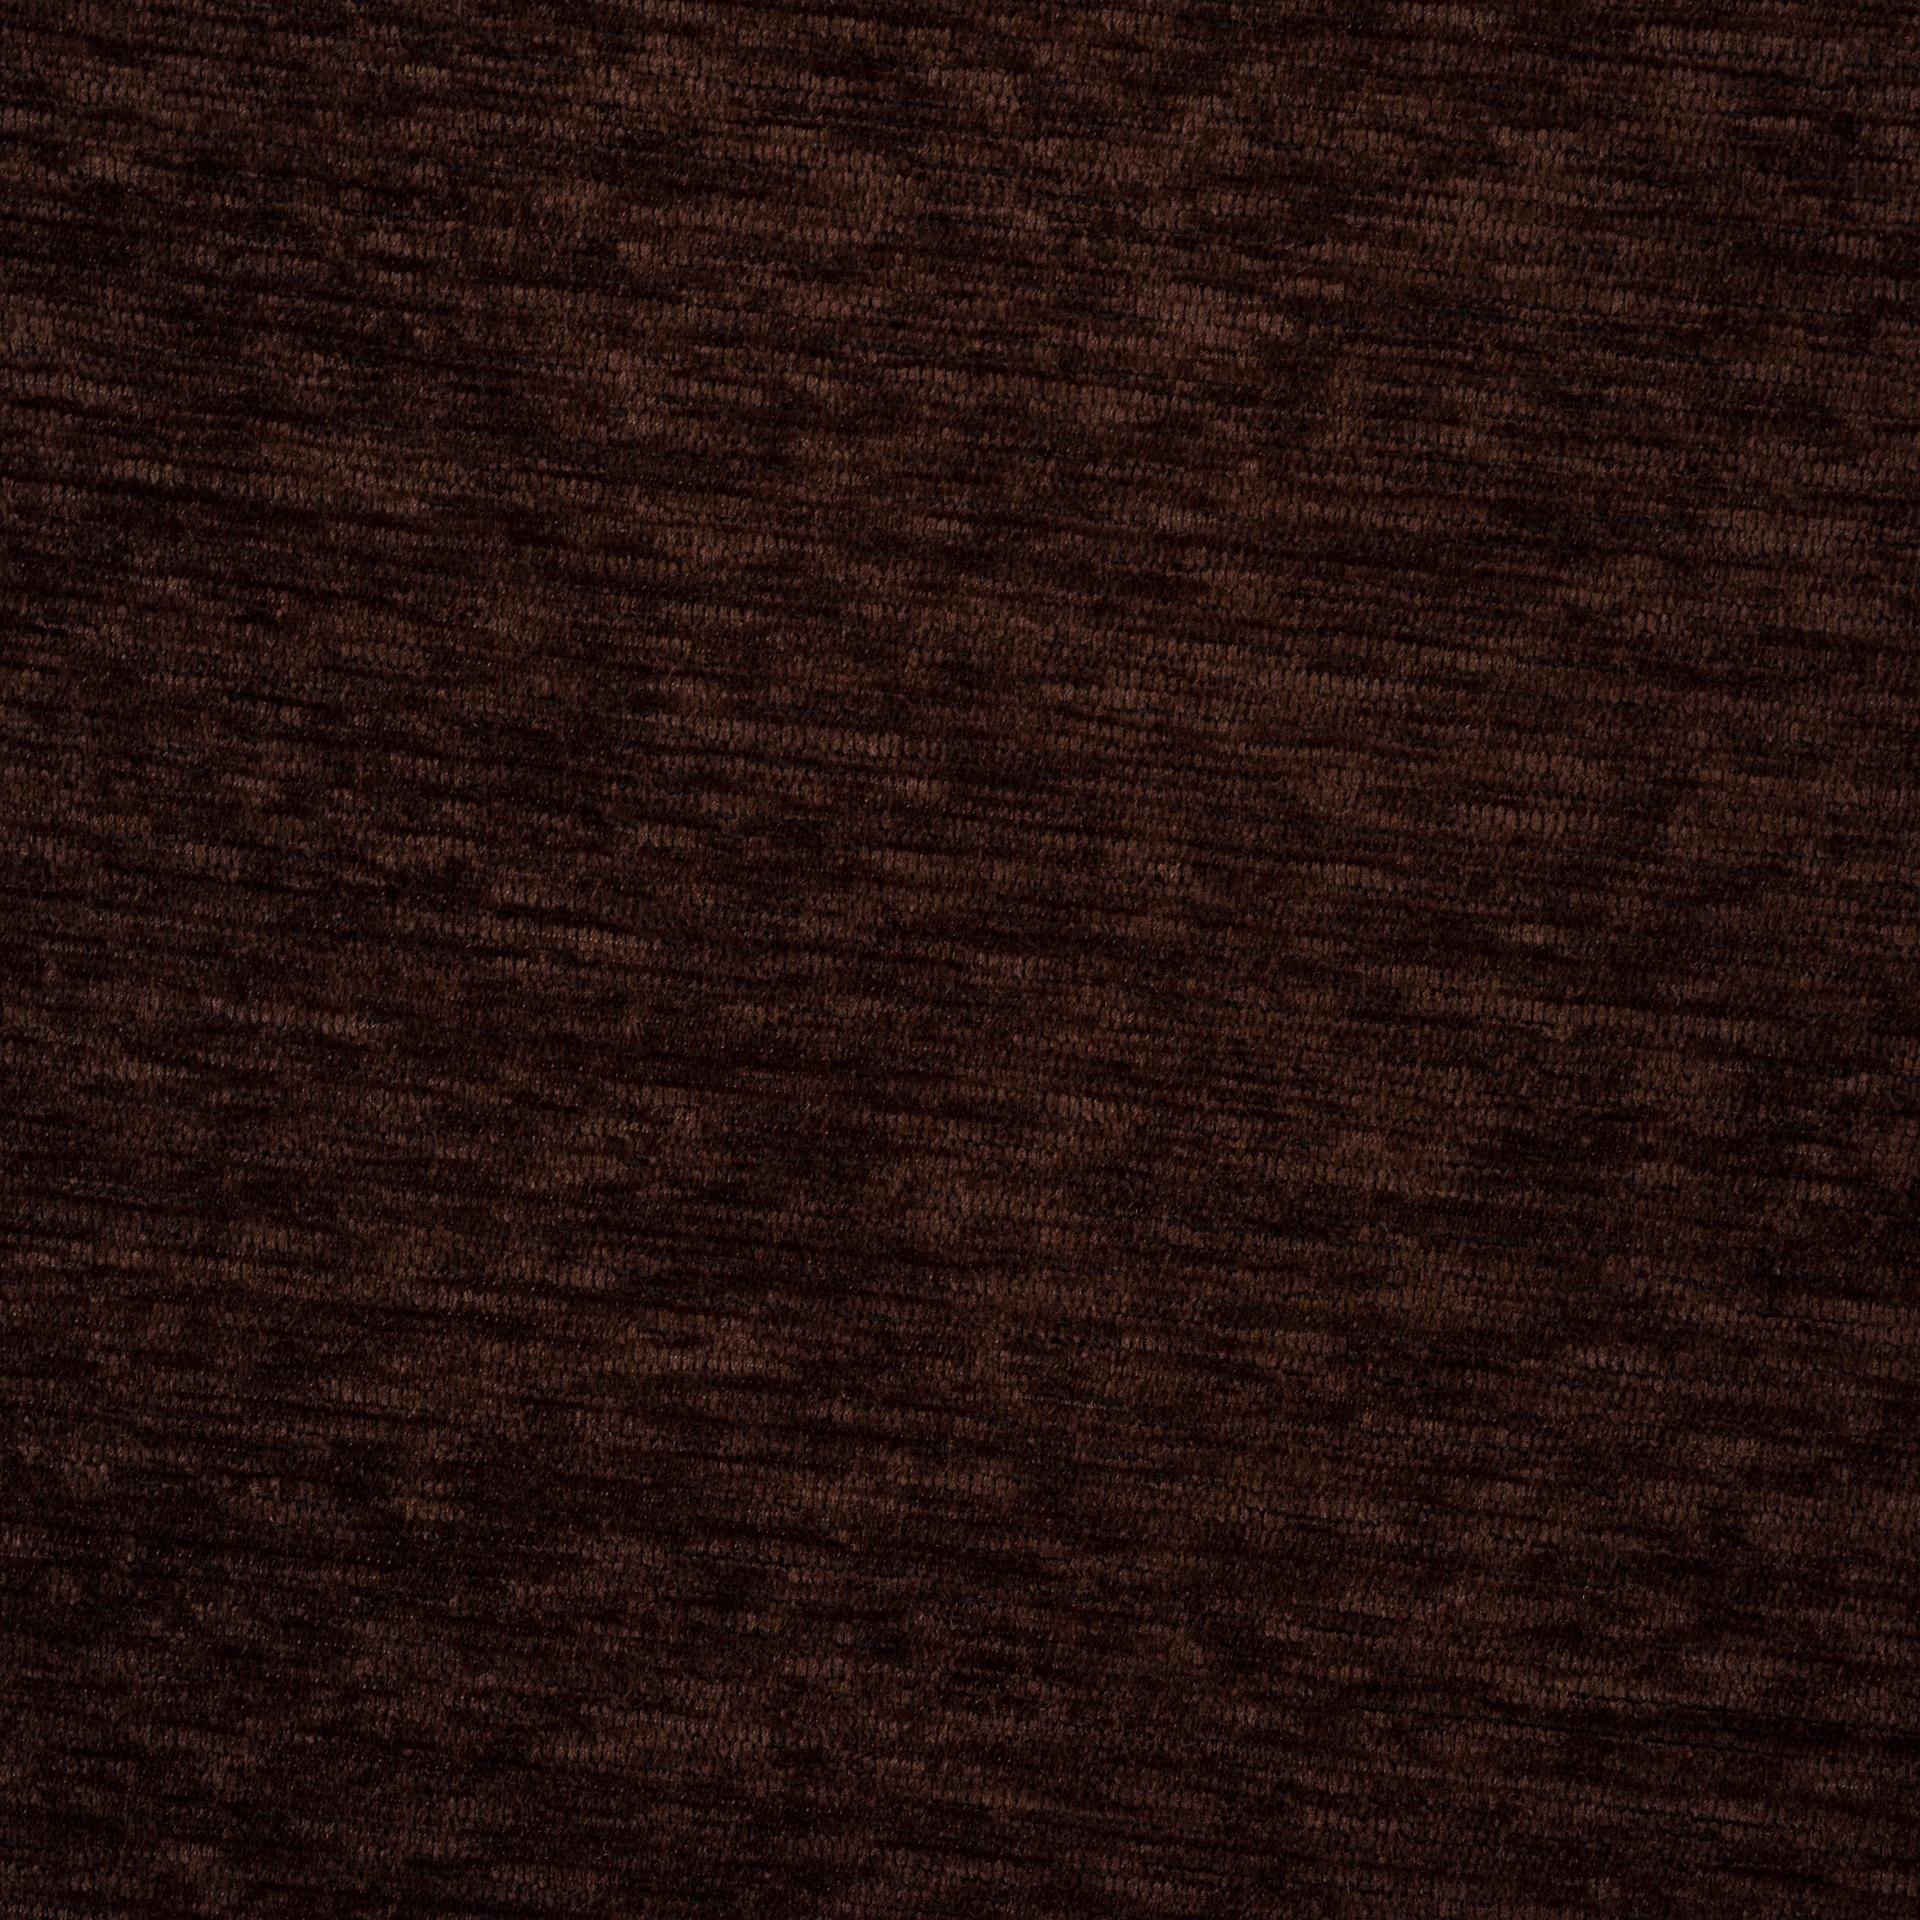 Коллекция ткани Бостон комбин BROWN,  купить ткань Шенилл для мебели Украина